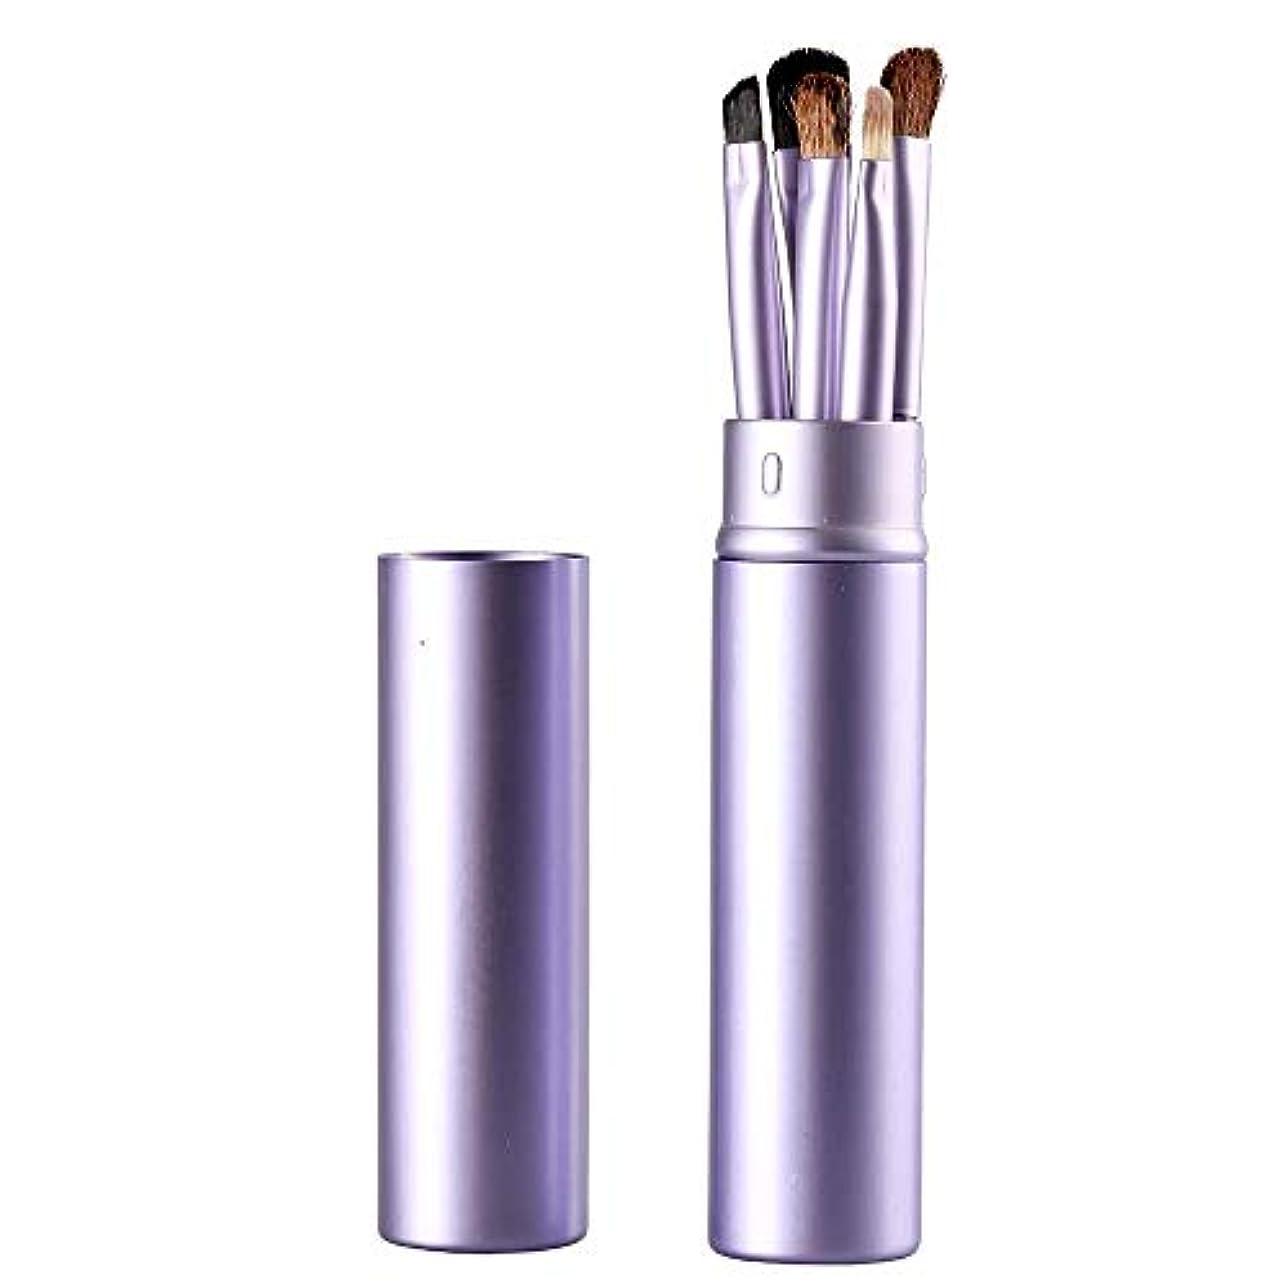 手当家具思いやりMakeup brushes 紫色、アイメイクブラシセットブラシ5アイブラシメイクペン美容メイクツールで化粧チューブ保護 suits (Color : Purple)